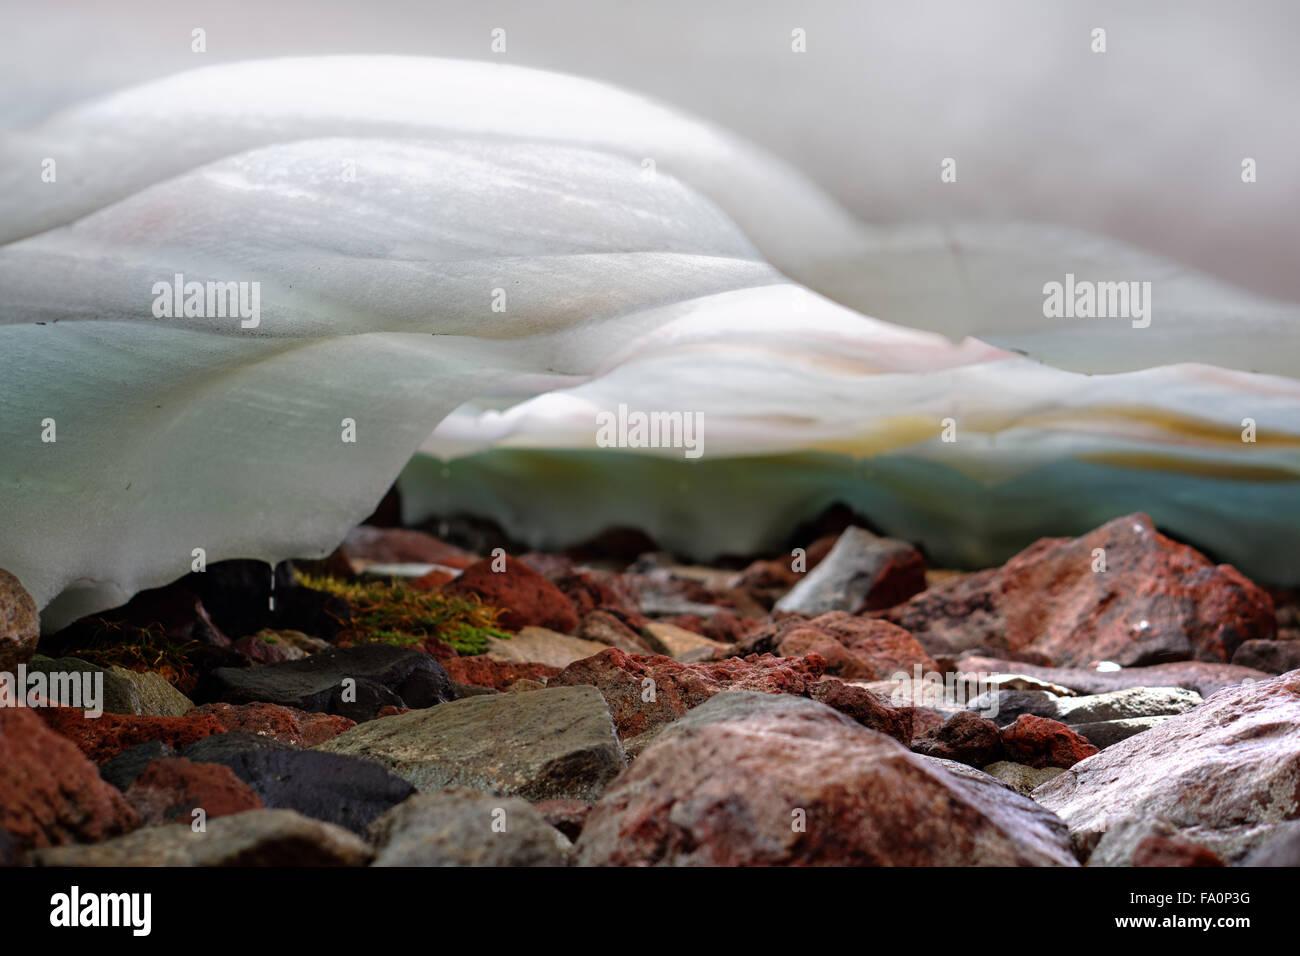 L'eau de fusion en vertu de l'écoulement d'une calotte glaciaire sur des rochers, Spray Park, Mount Rainier National Park, Washington State, USA Banque D'Images